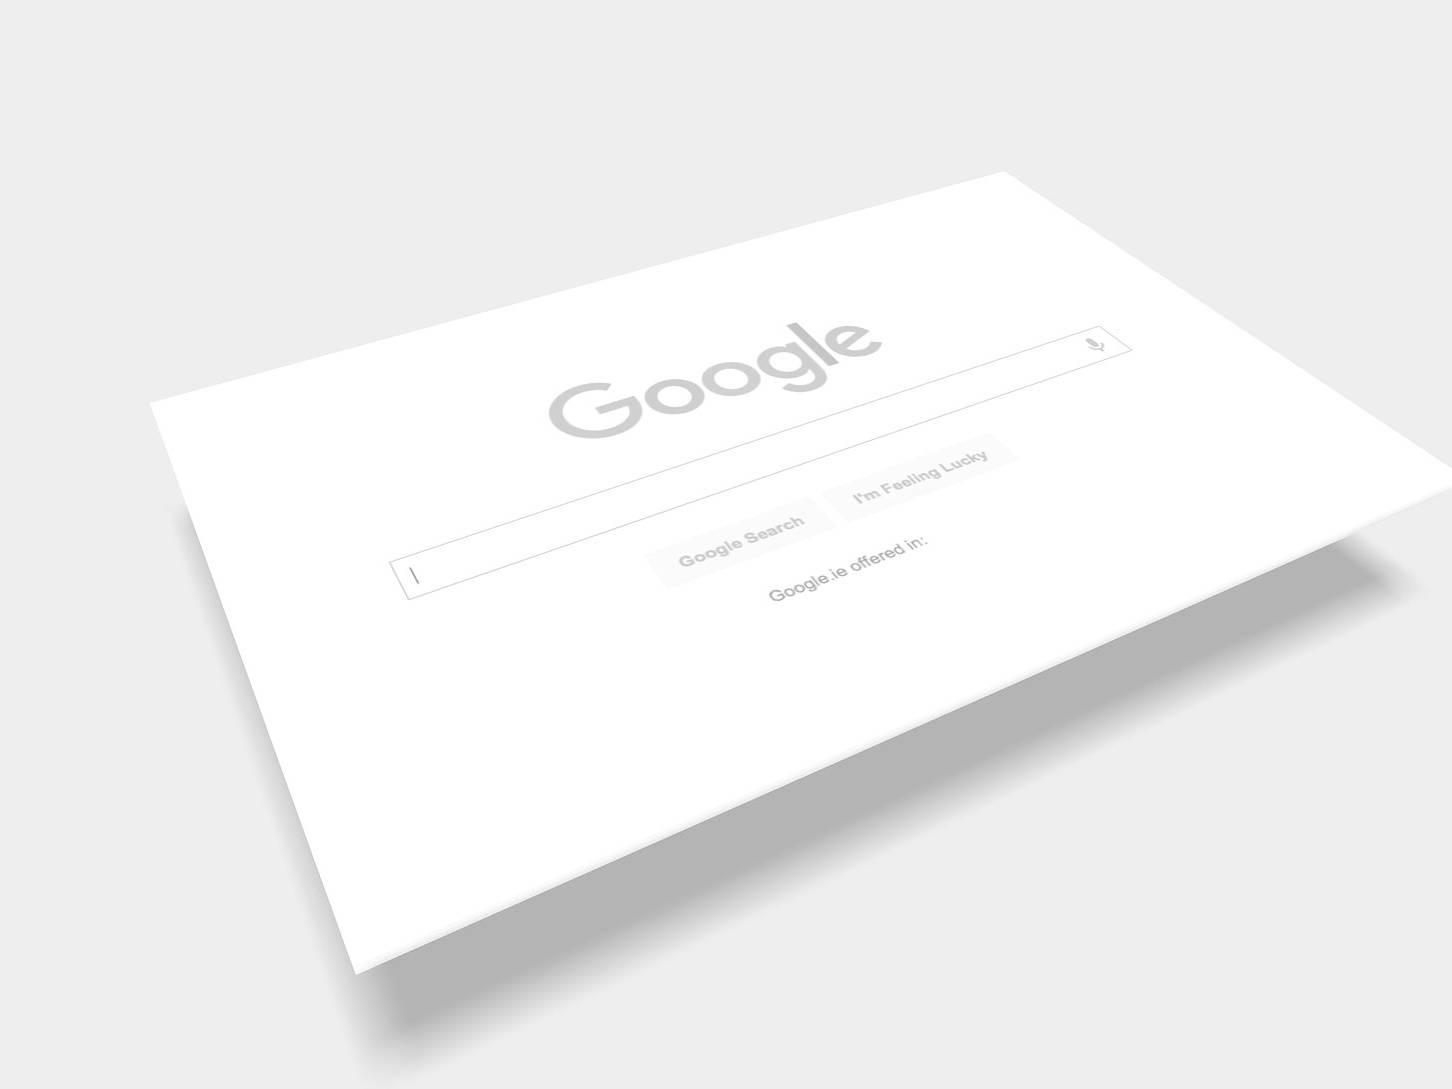 google core update 2019 update